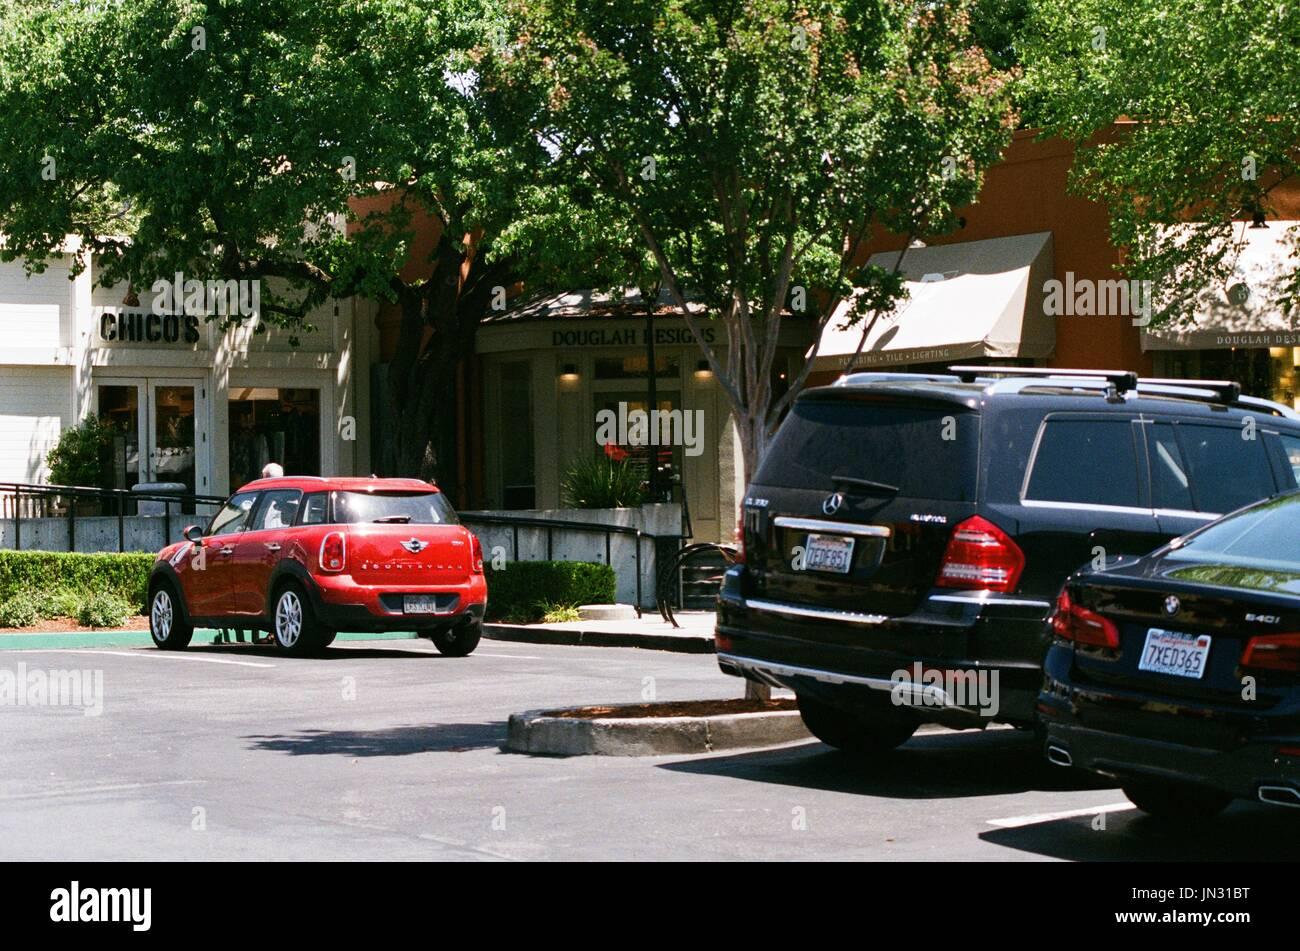 Veículos De Luxo, Incluindo Um SUV Mercedes Benz E BMW Sedan, São Vistos  Estacionado Em Um Shopping Center Na Afluente Subúrbio De San Francisco Bay  Area De ...